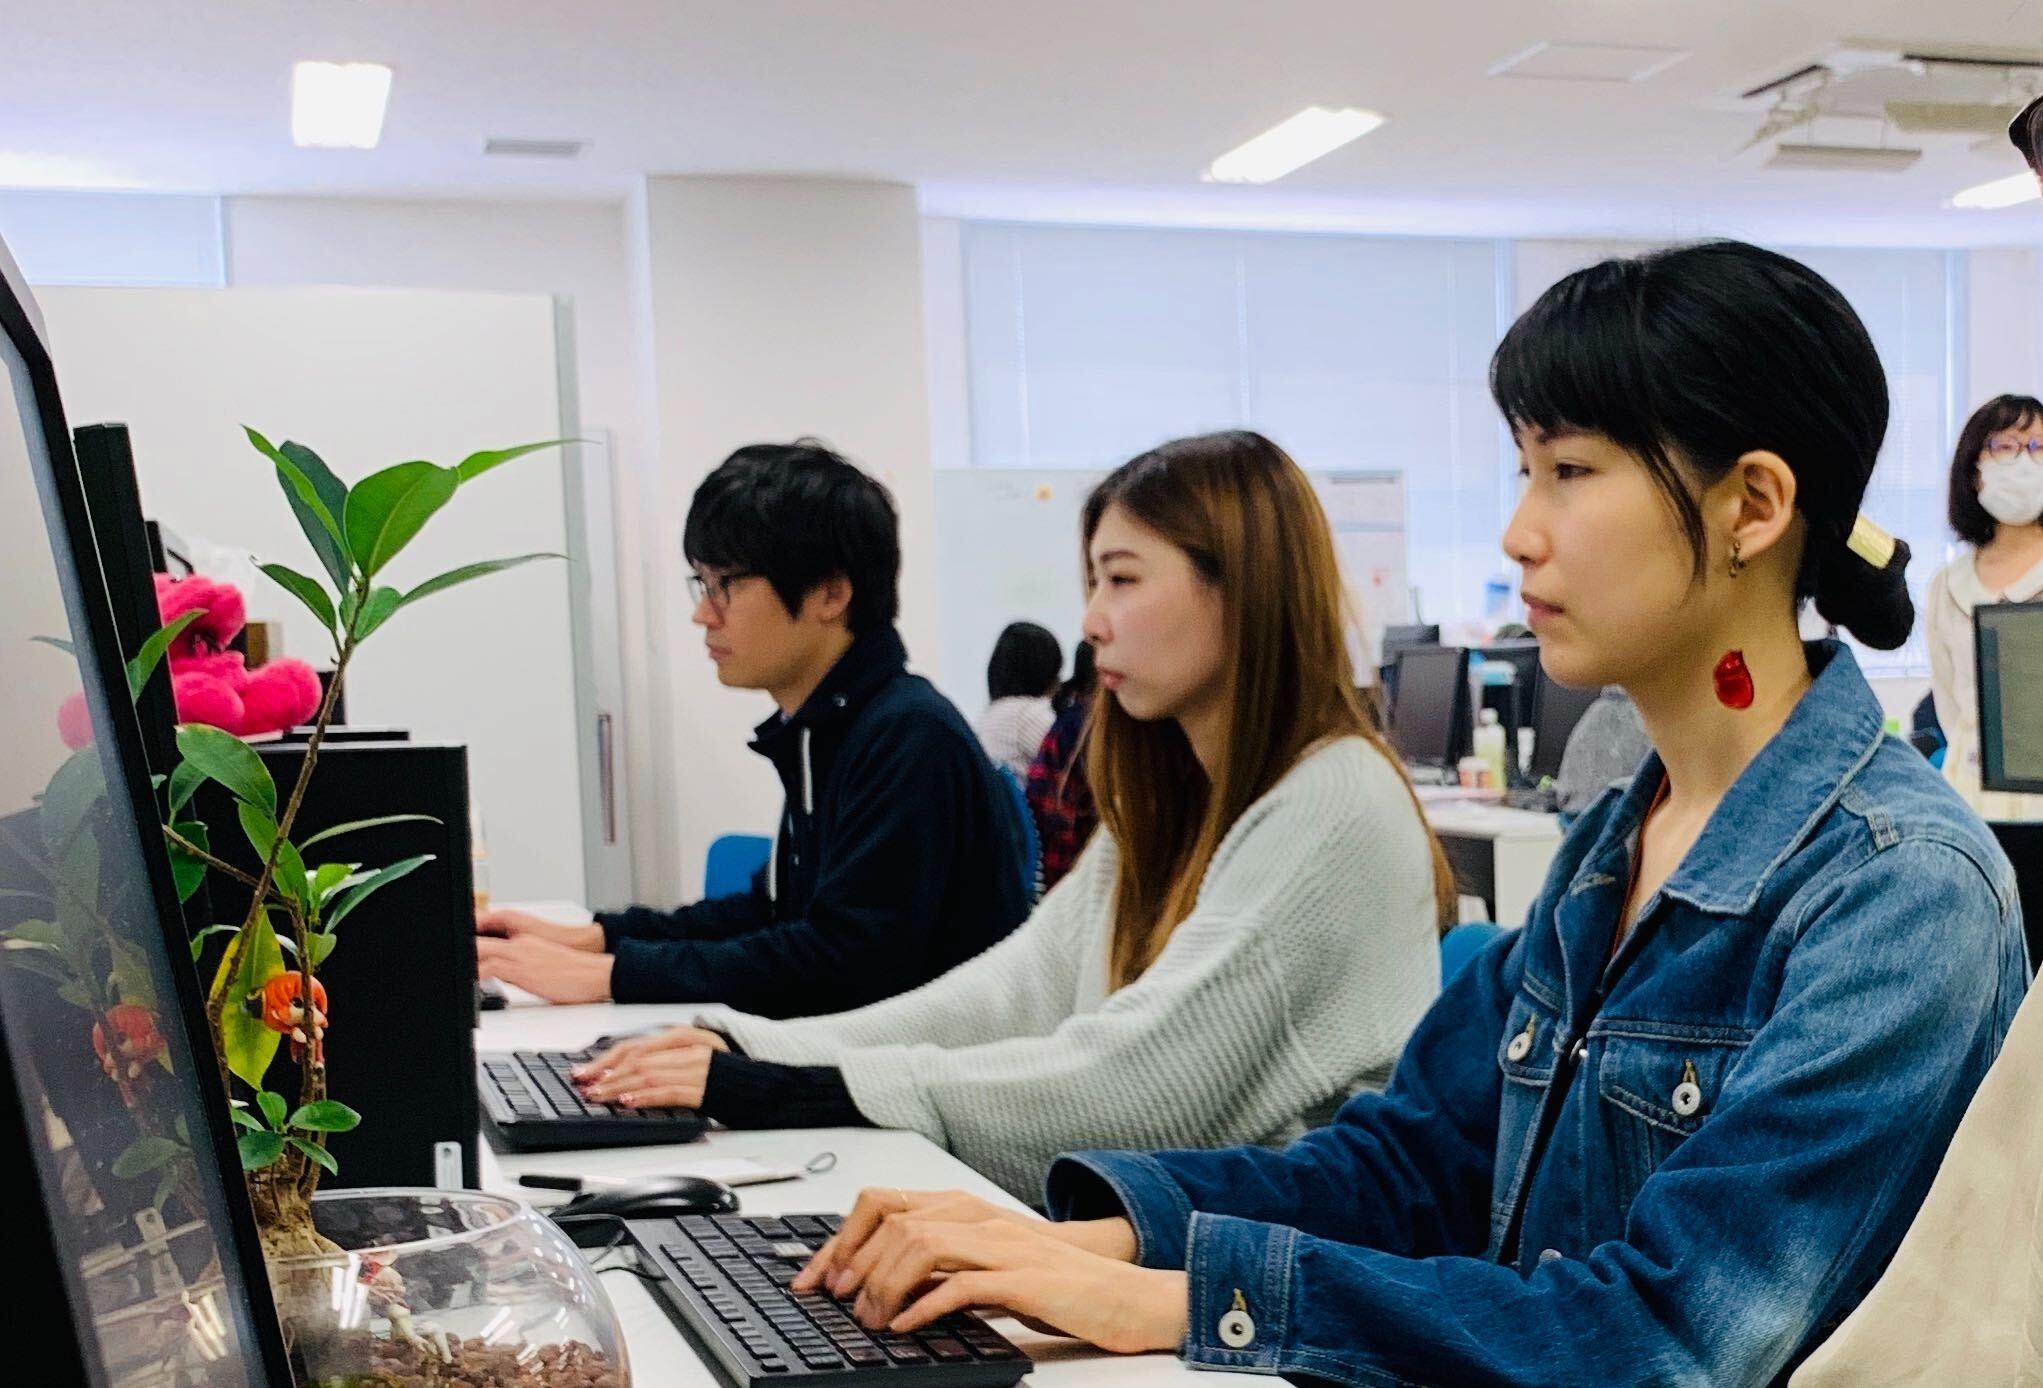 02.【福岡】カスタマーサポートスーパーバイザー(アミューズメント施設・機器などのCS事業)